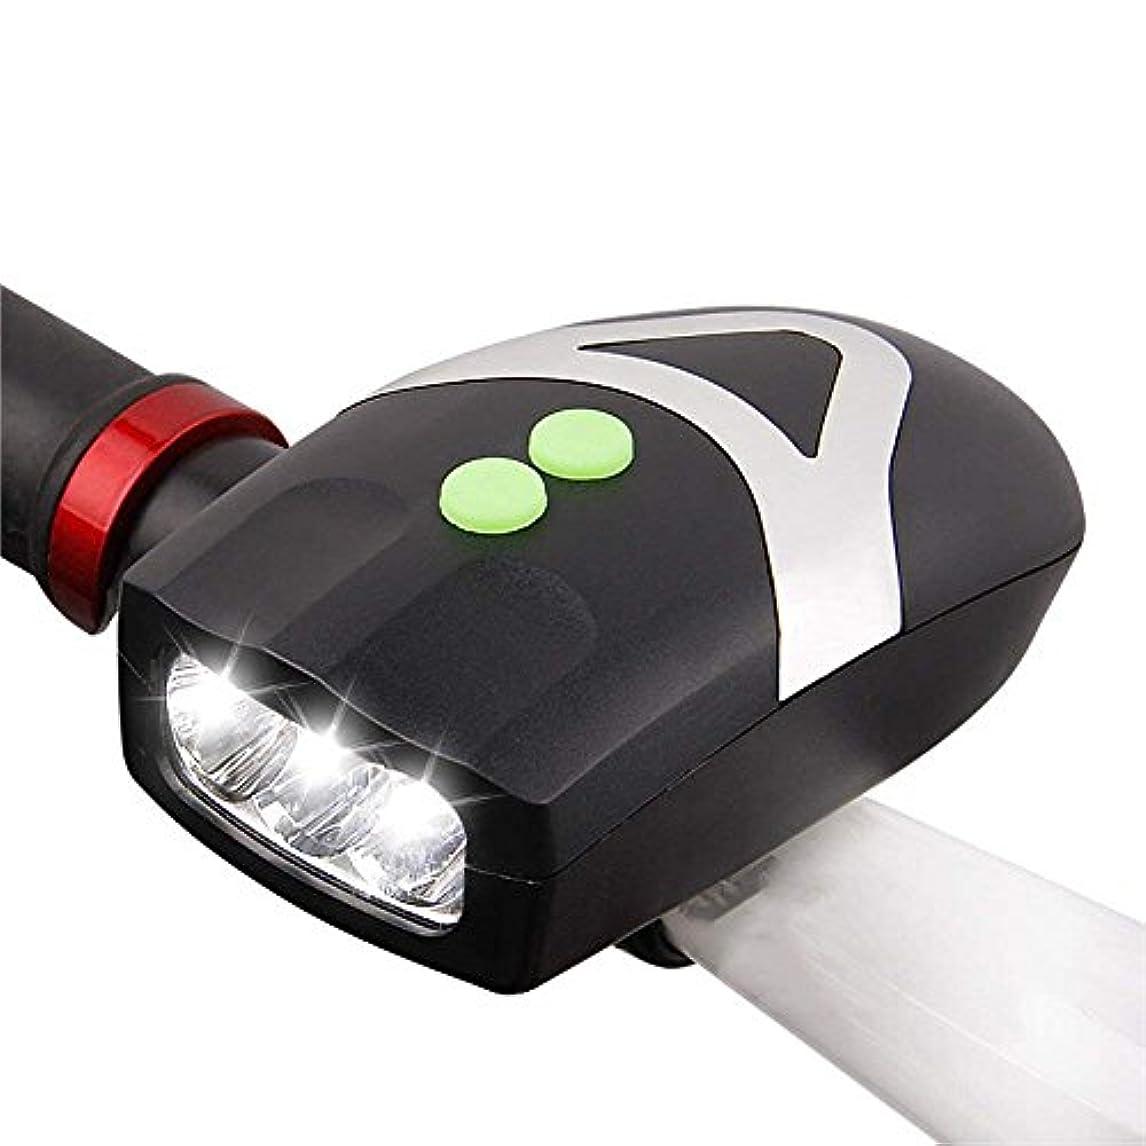 非常に他の日誘導MUTANG LED自転車ライトヘッドライト明るいライト懐中電灯90デシベル電子スピーカーマウンテンバイクナイトライドライト